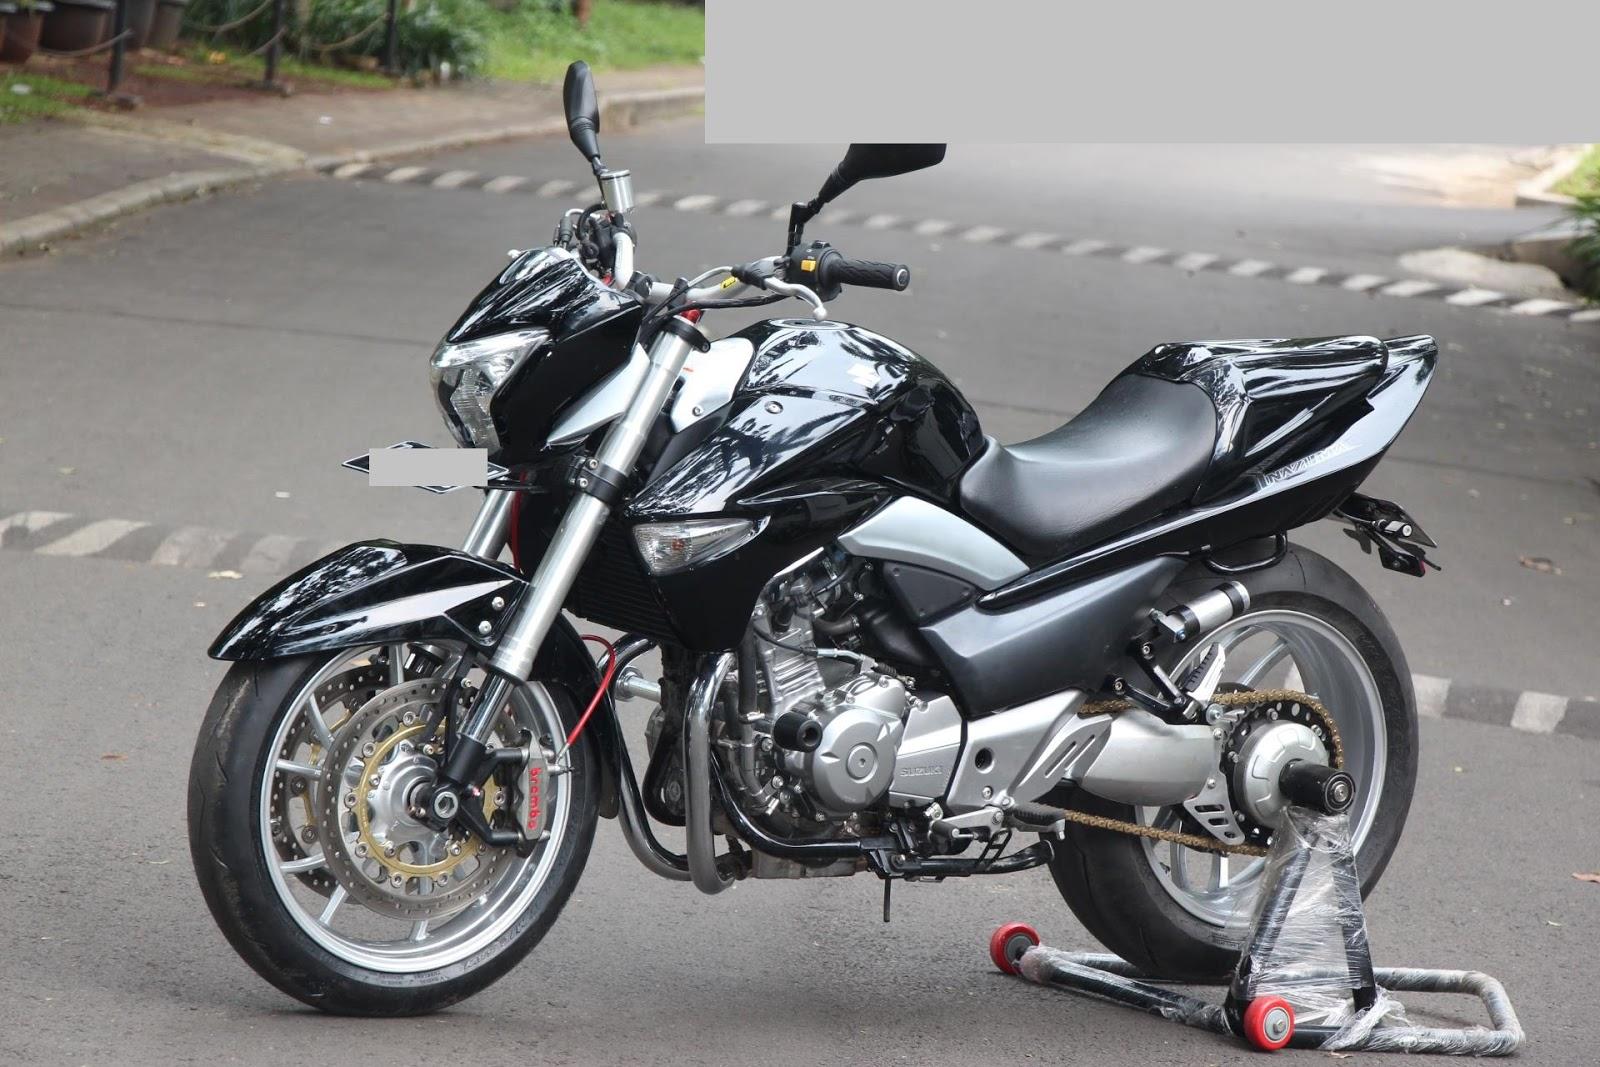 Daftar Harga Motor Suzuki Inazuma